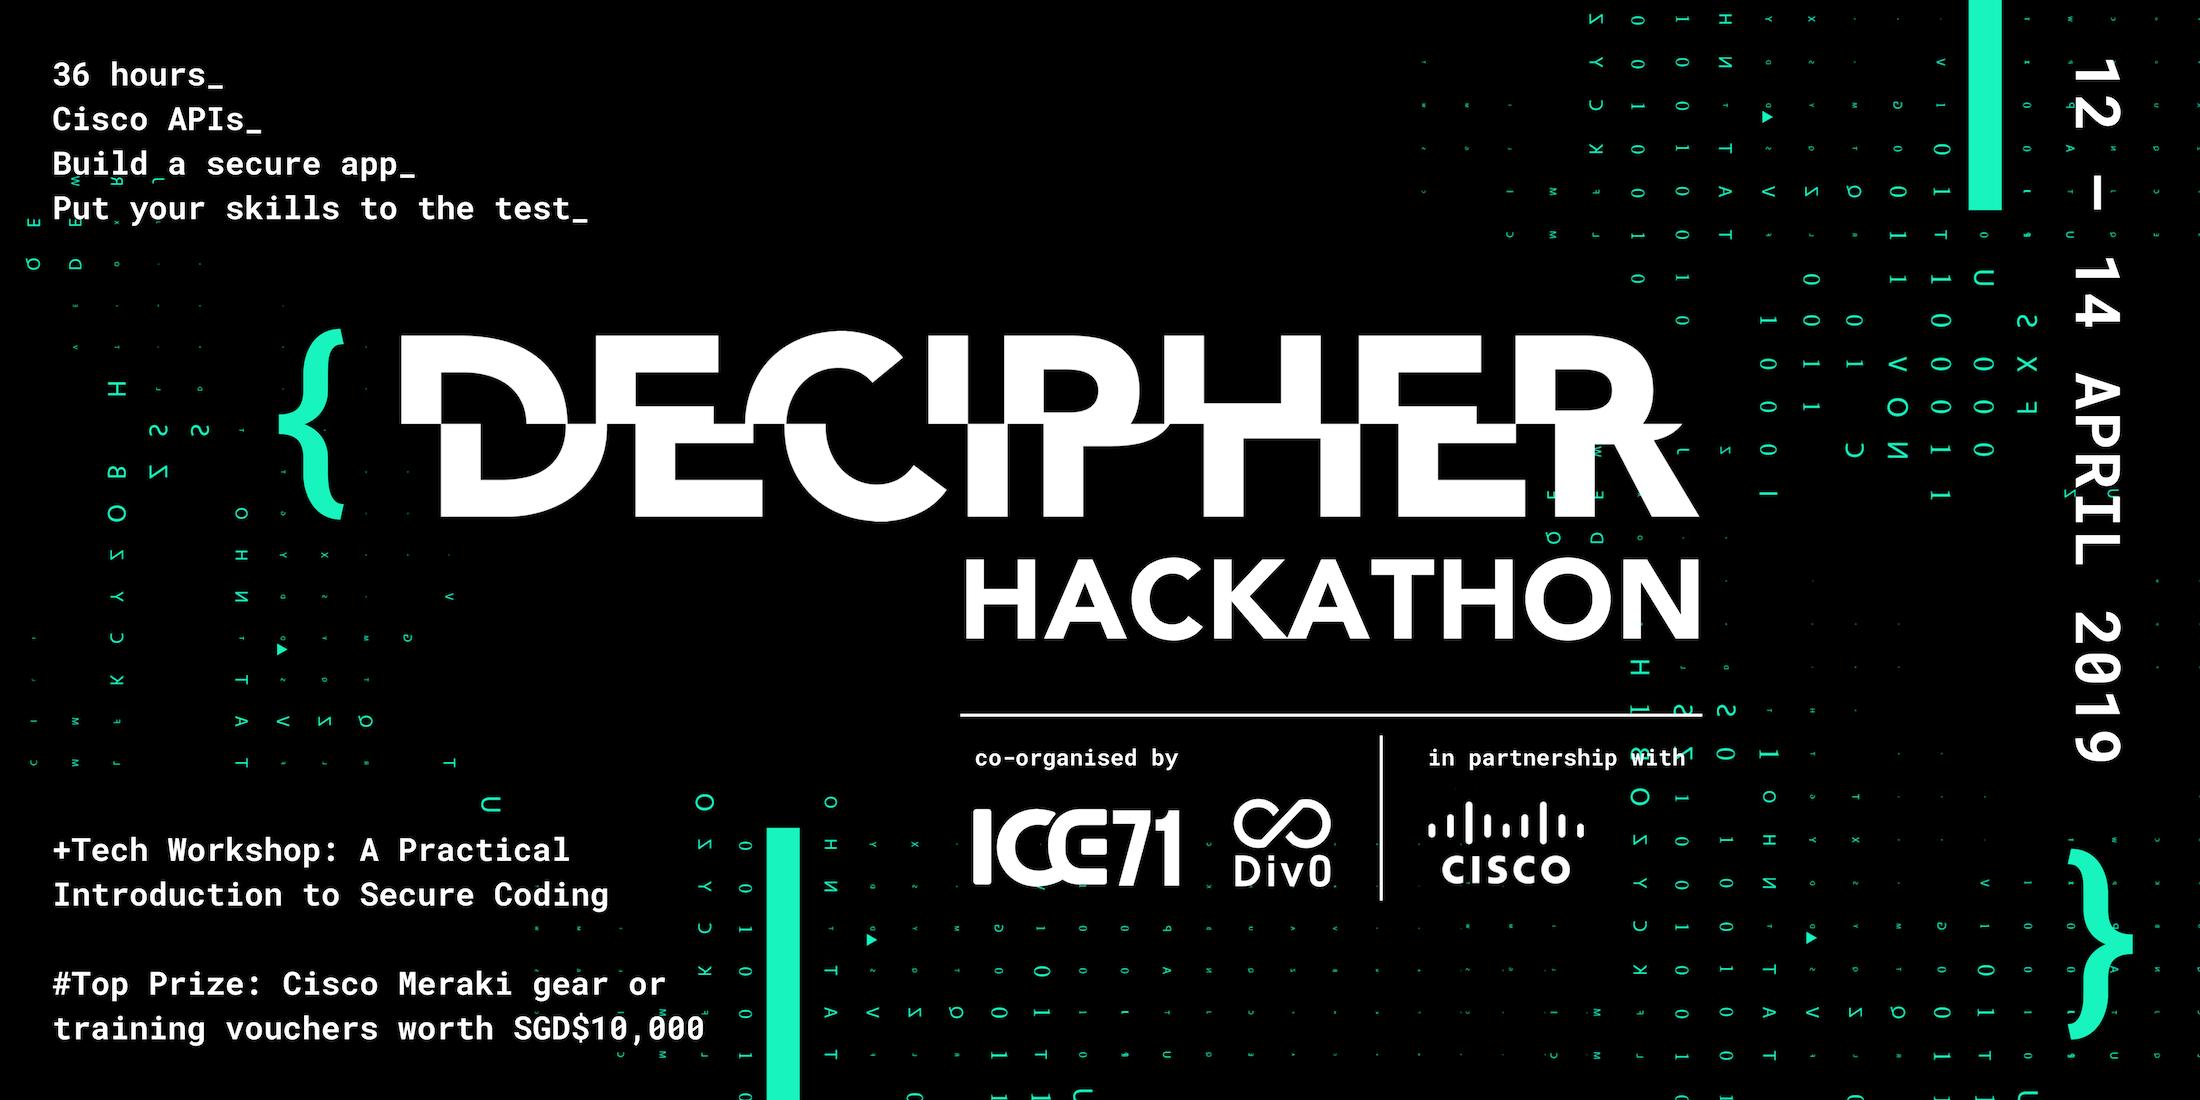 {DECIPHER} Hackathon – 12 to 14 April 2019